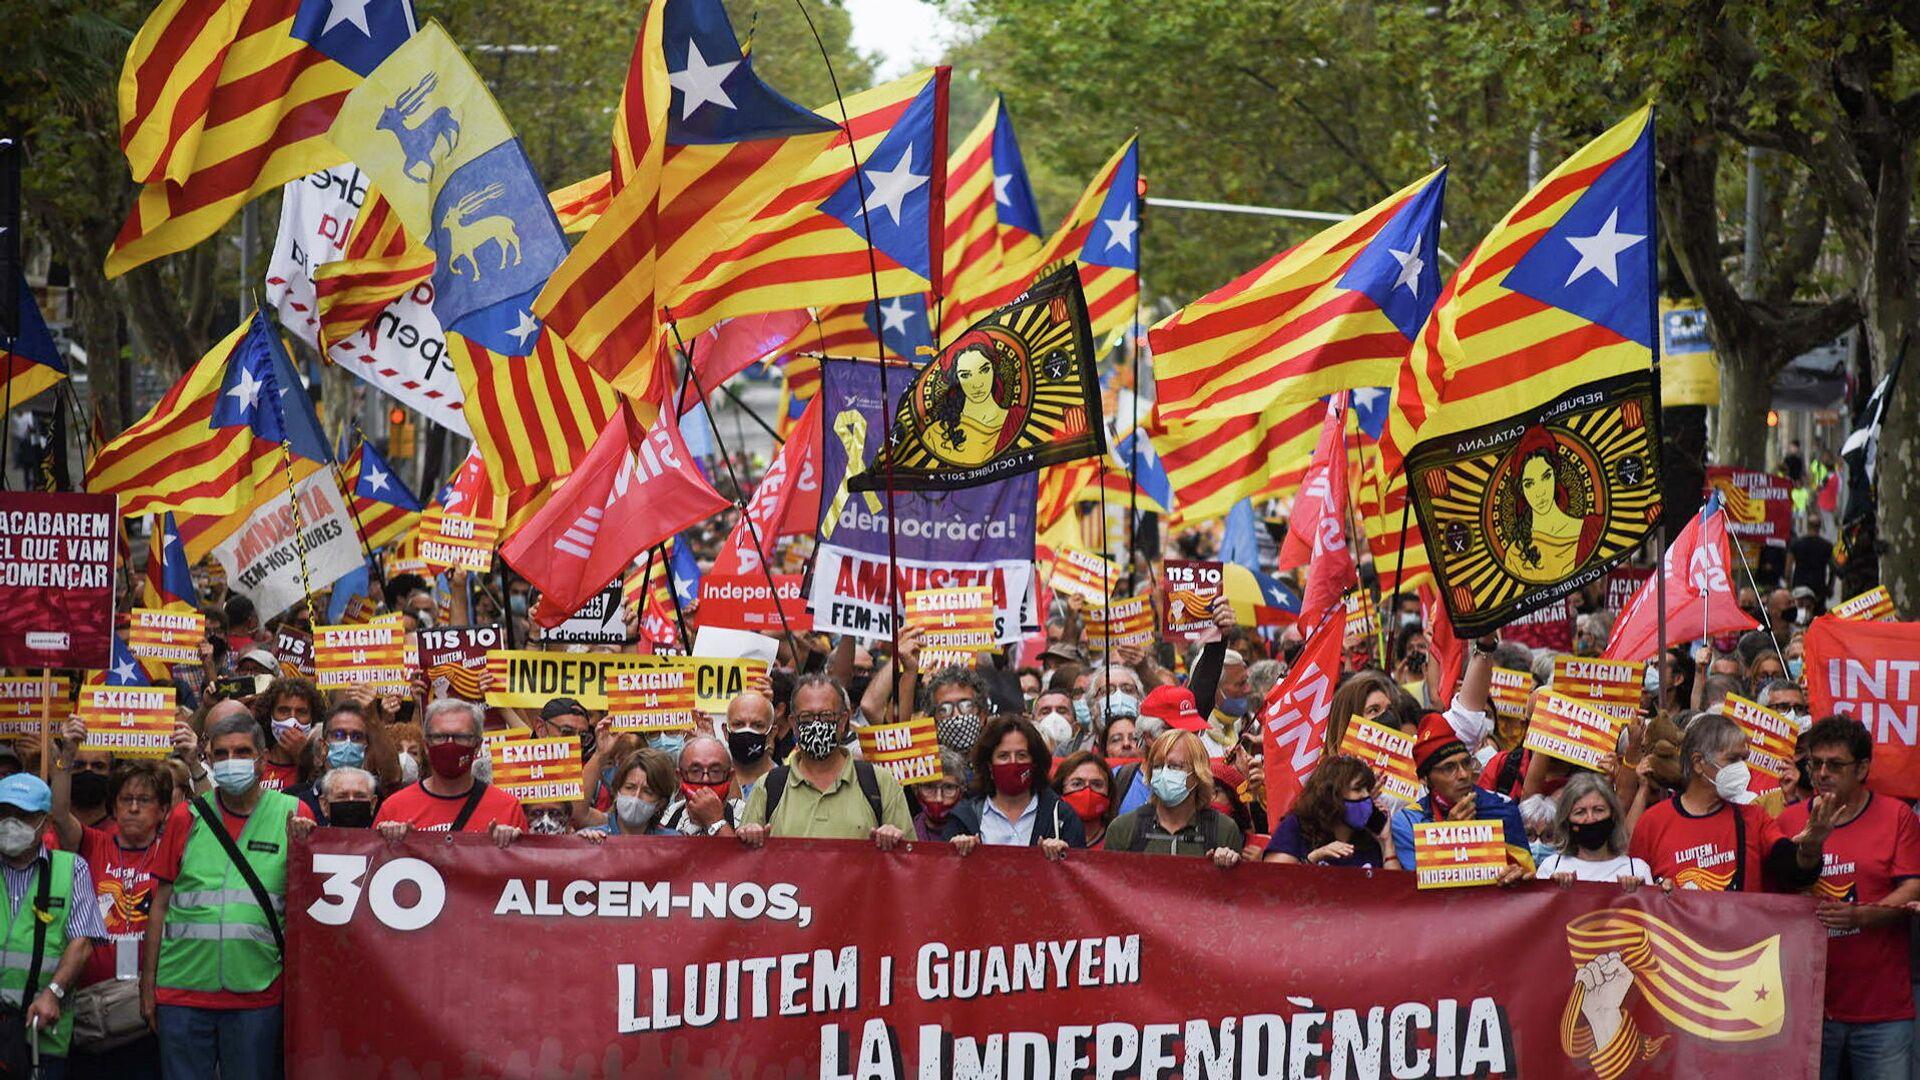 Manifestantes en Barcelona recuerdan en Barcelona el proceso independentista de 2017 - Sputnik Mundo, 1920, 03.10.2021